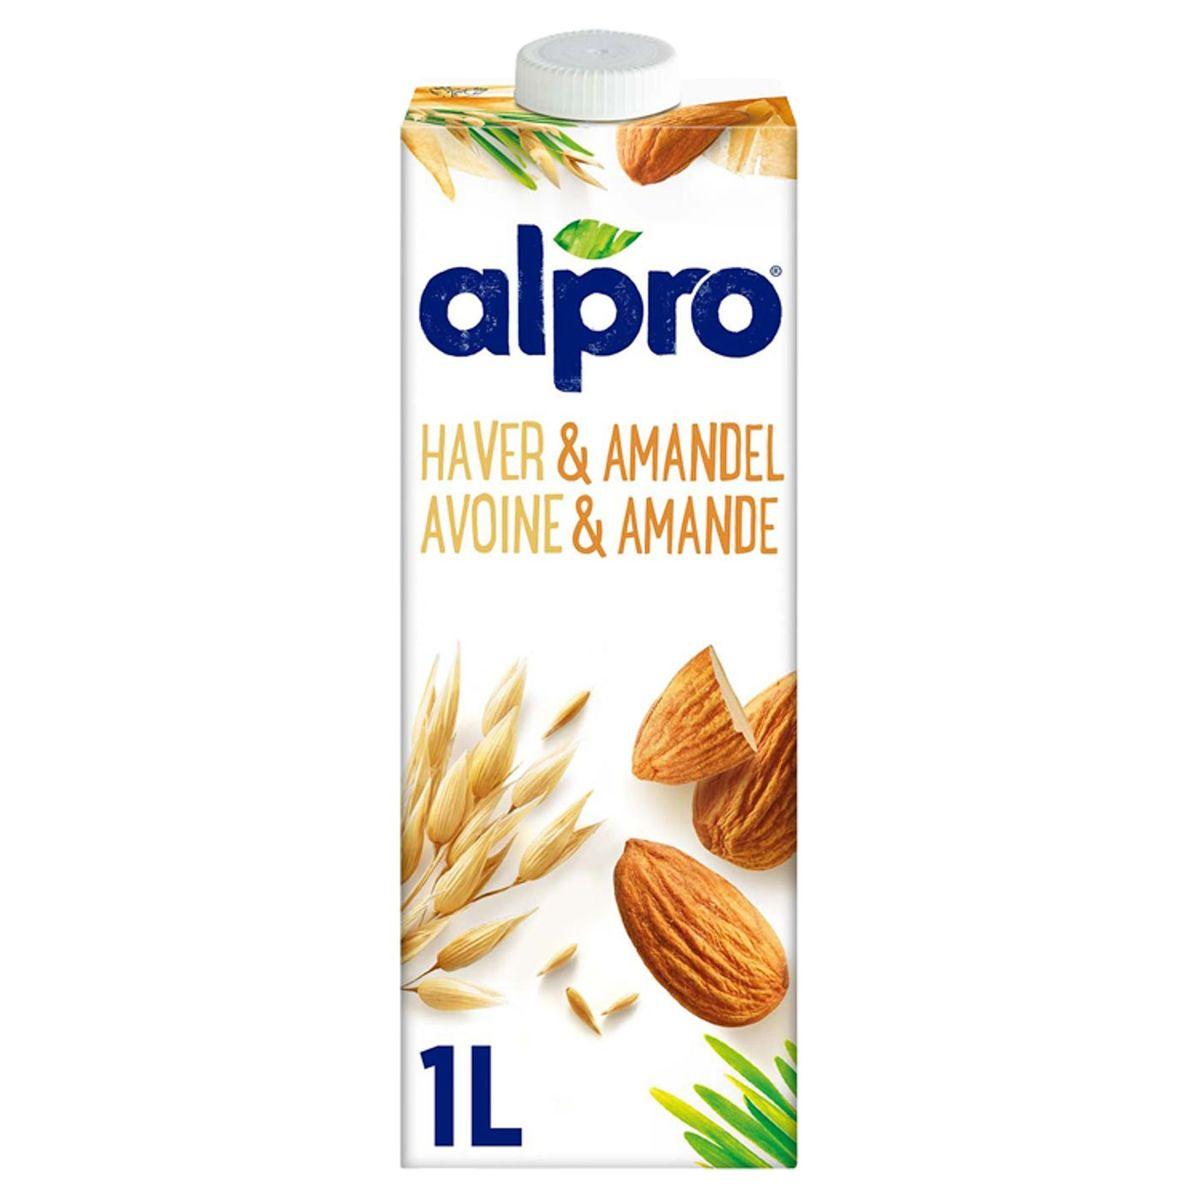 Alpro Boisson Avoine-Amande 1 L